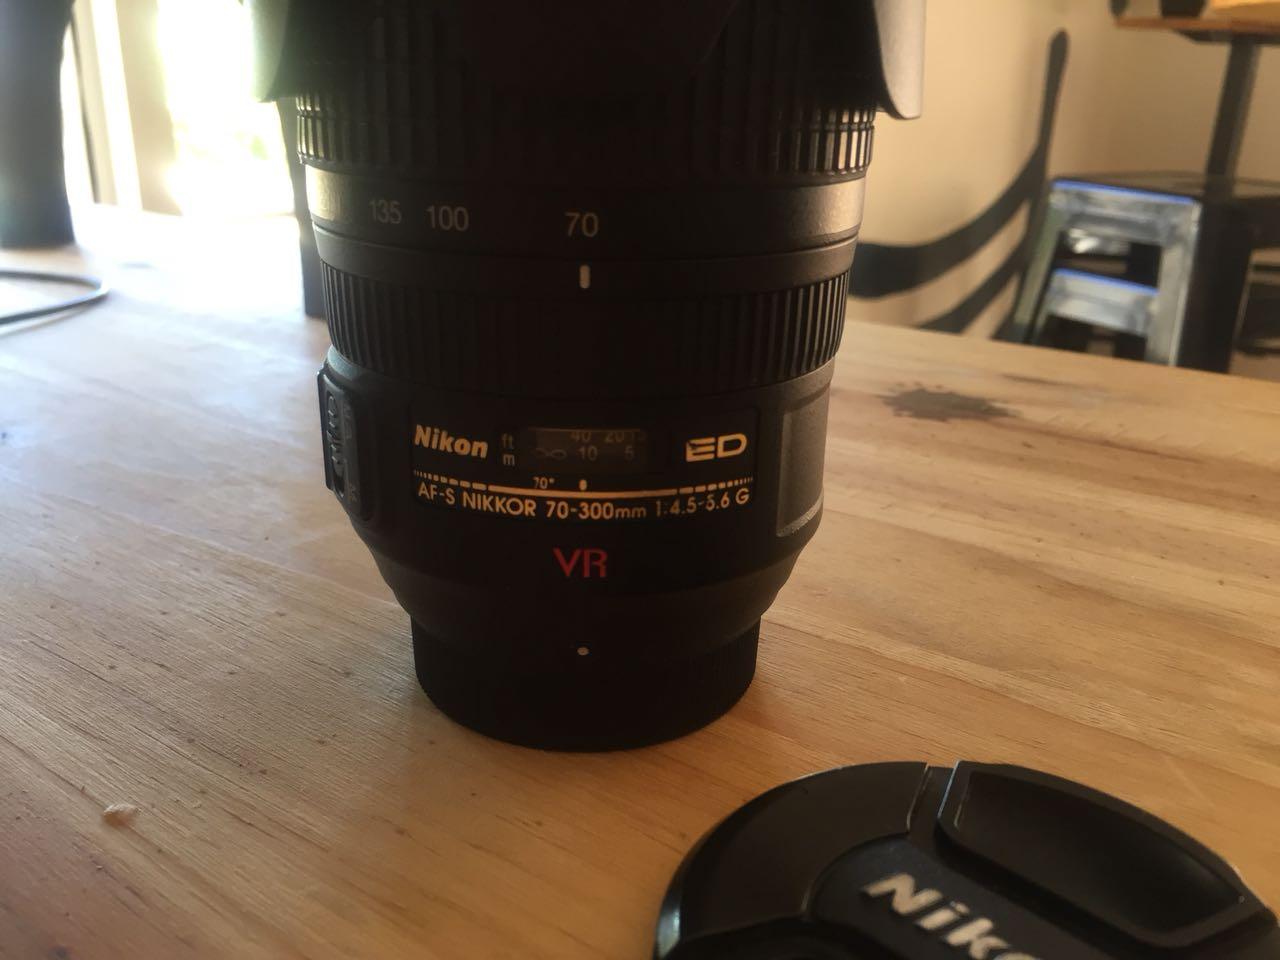 Nikon AF-S 70-300mm f/4.5-5.6 G IF-ED VR Lens For Sale